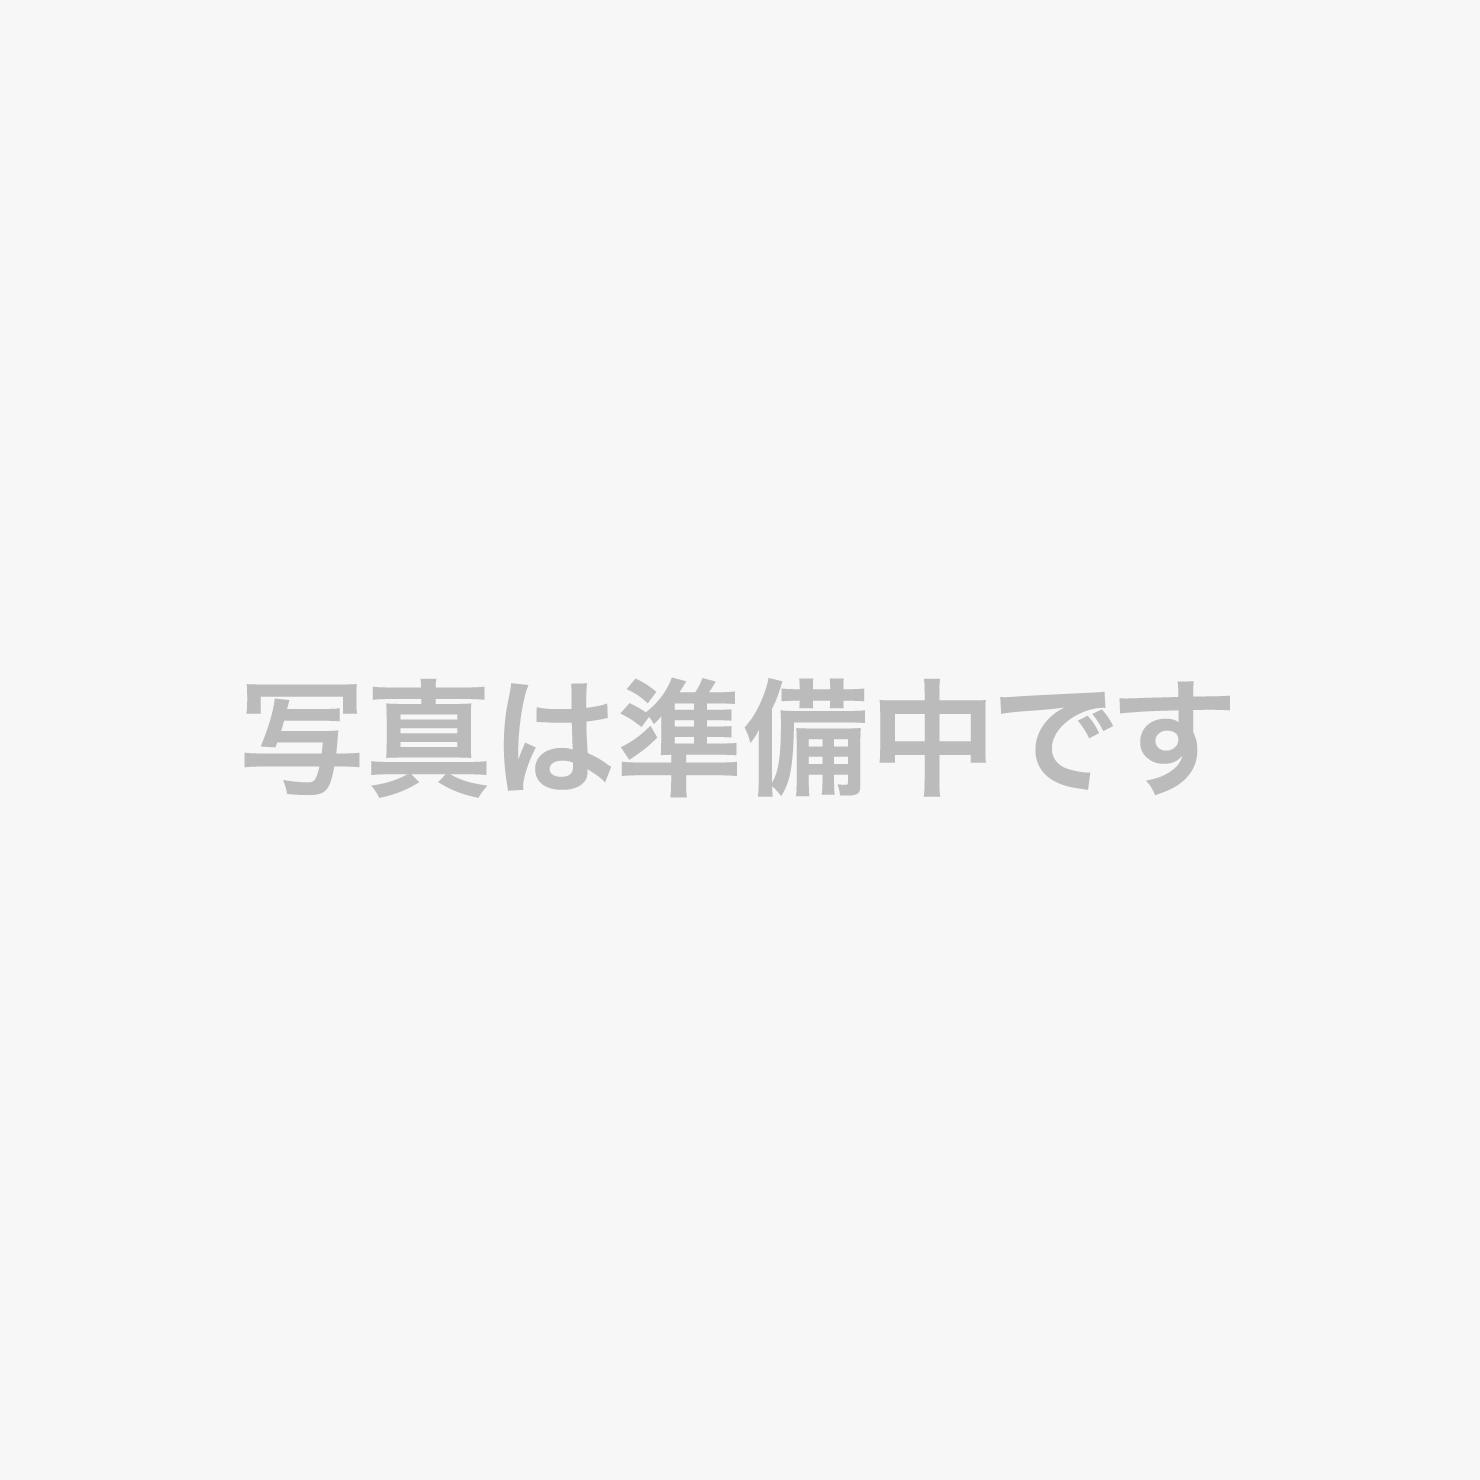 ◆御造り/季節の御造り(2020年9月お食事イメージ)